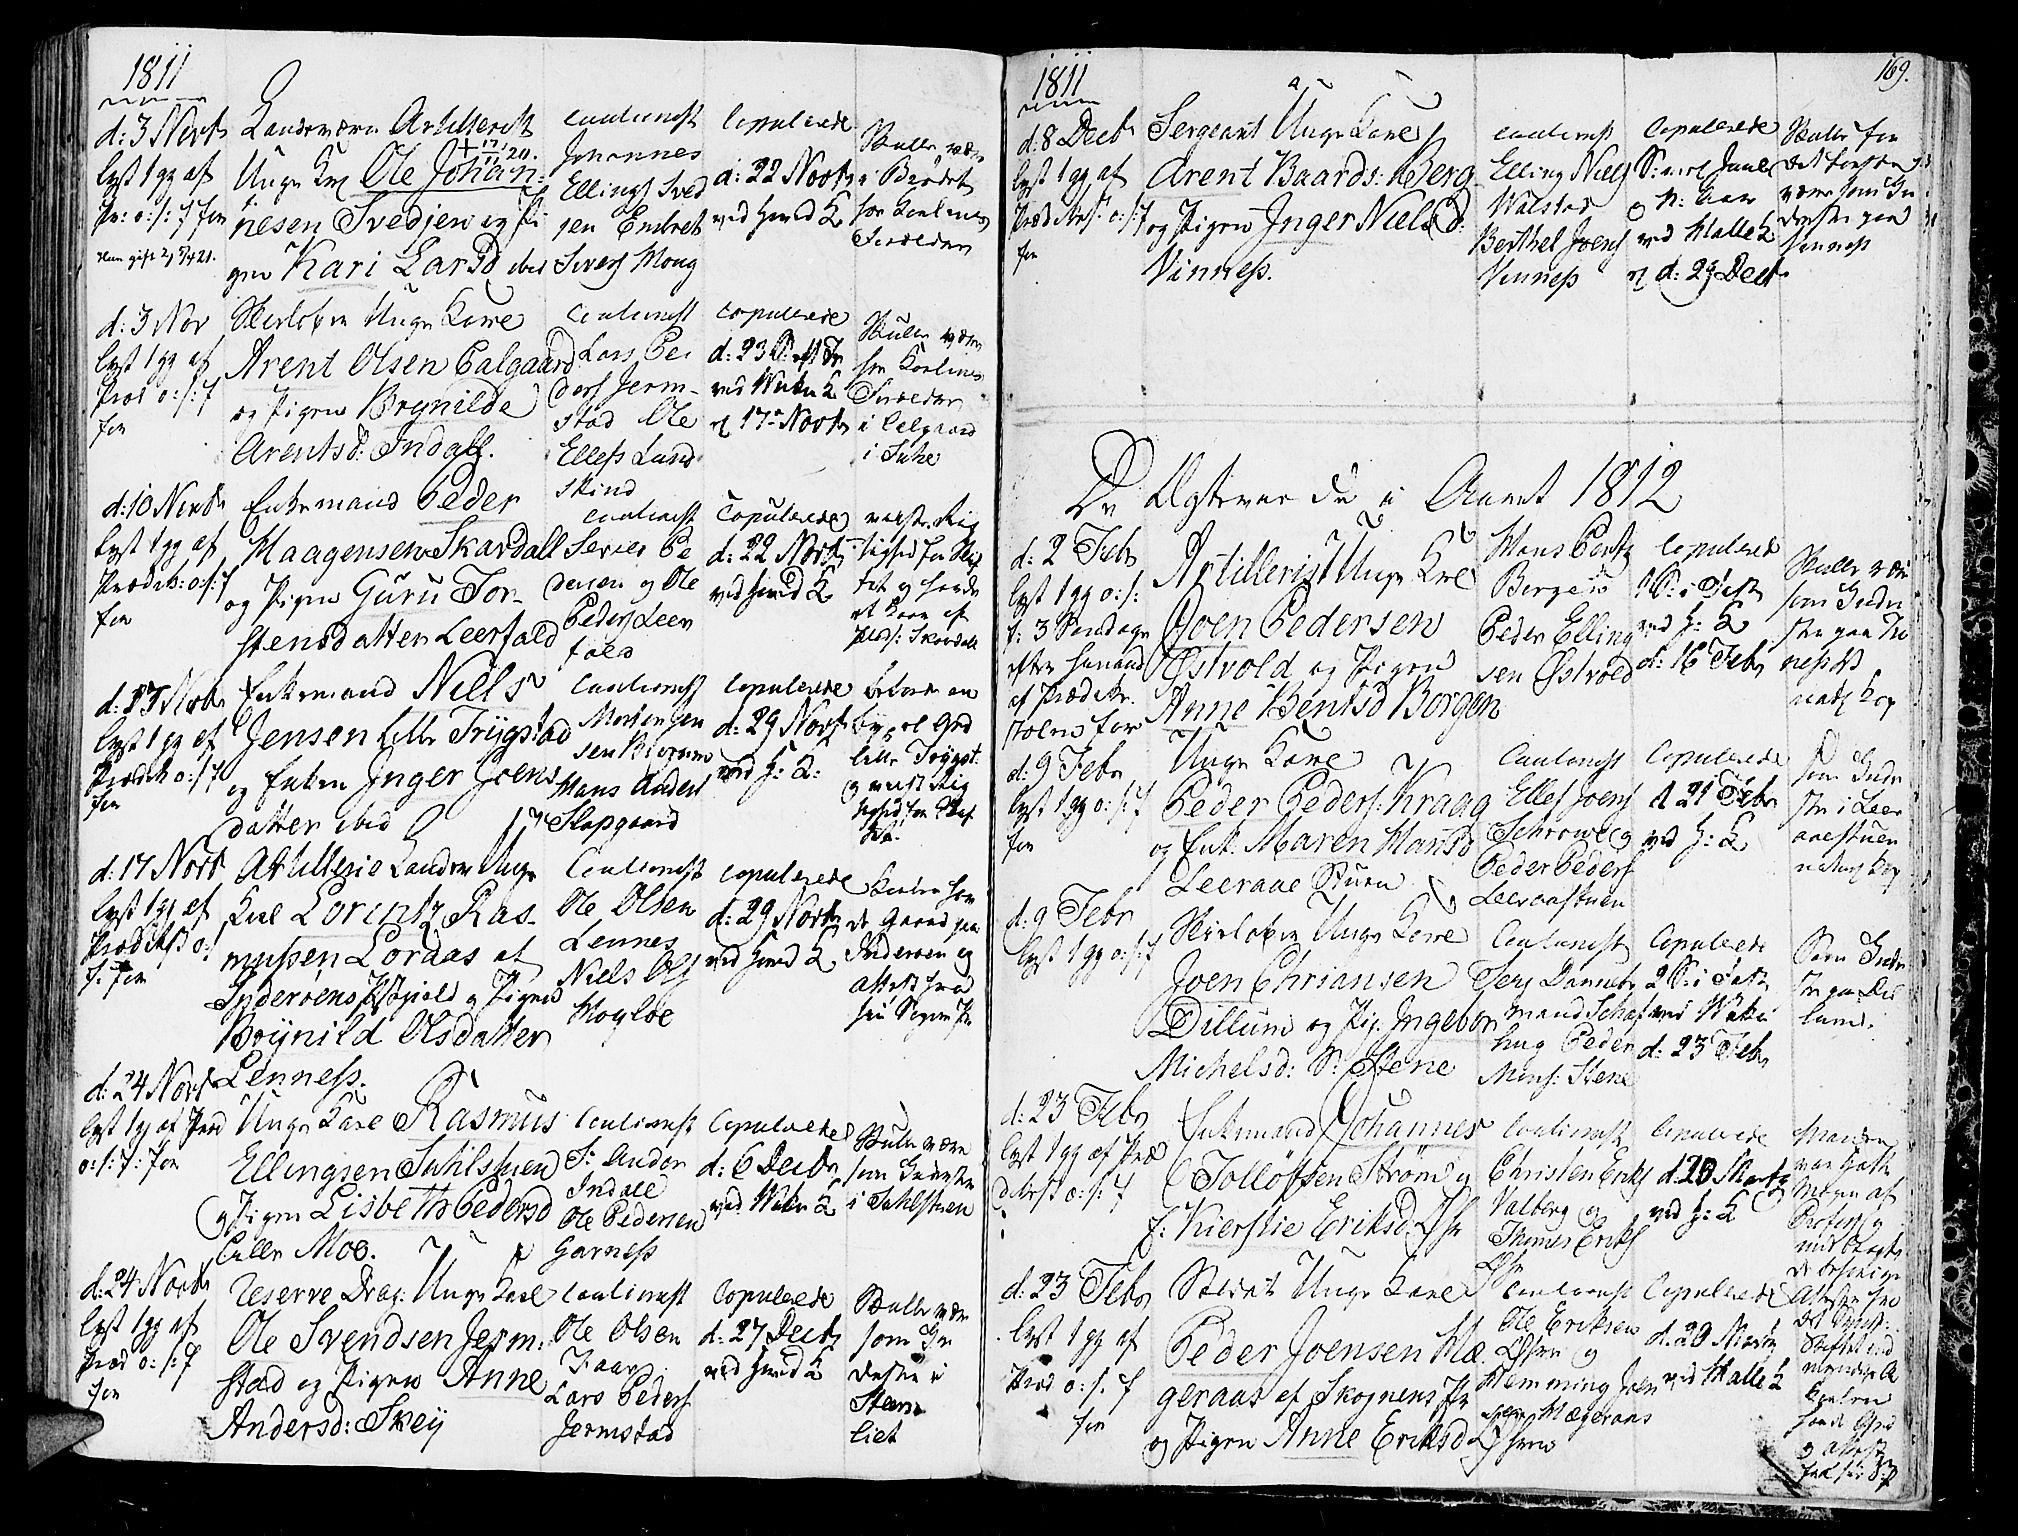 SAT, Ministerialprotokoller, klokkerbøker og fødselsregistre - Nord-Trøndelag, 723/L0233: Ministerialbok nr. 723A04, 1805-1816, s. 169